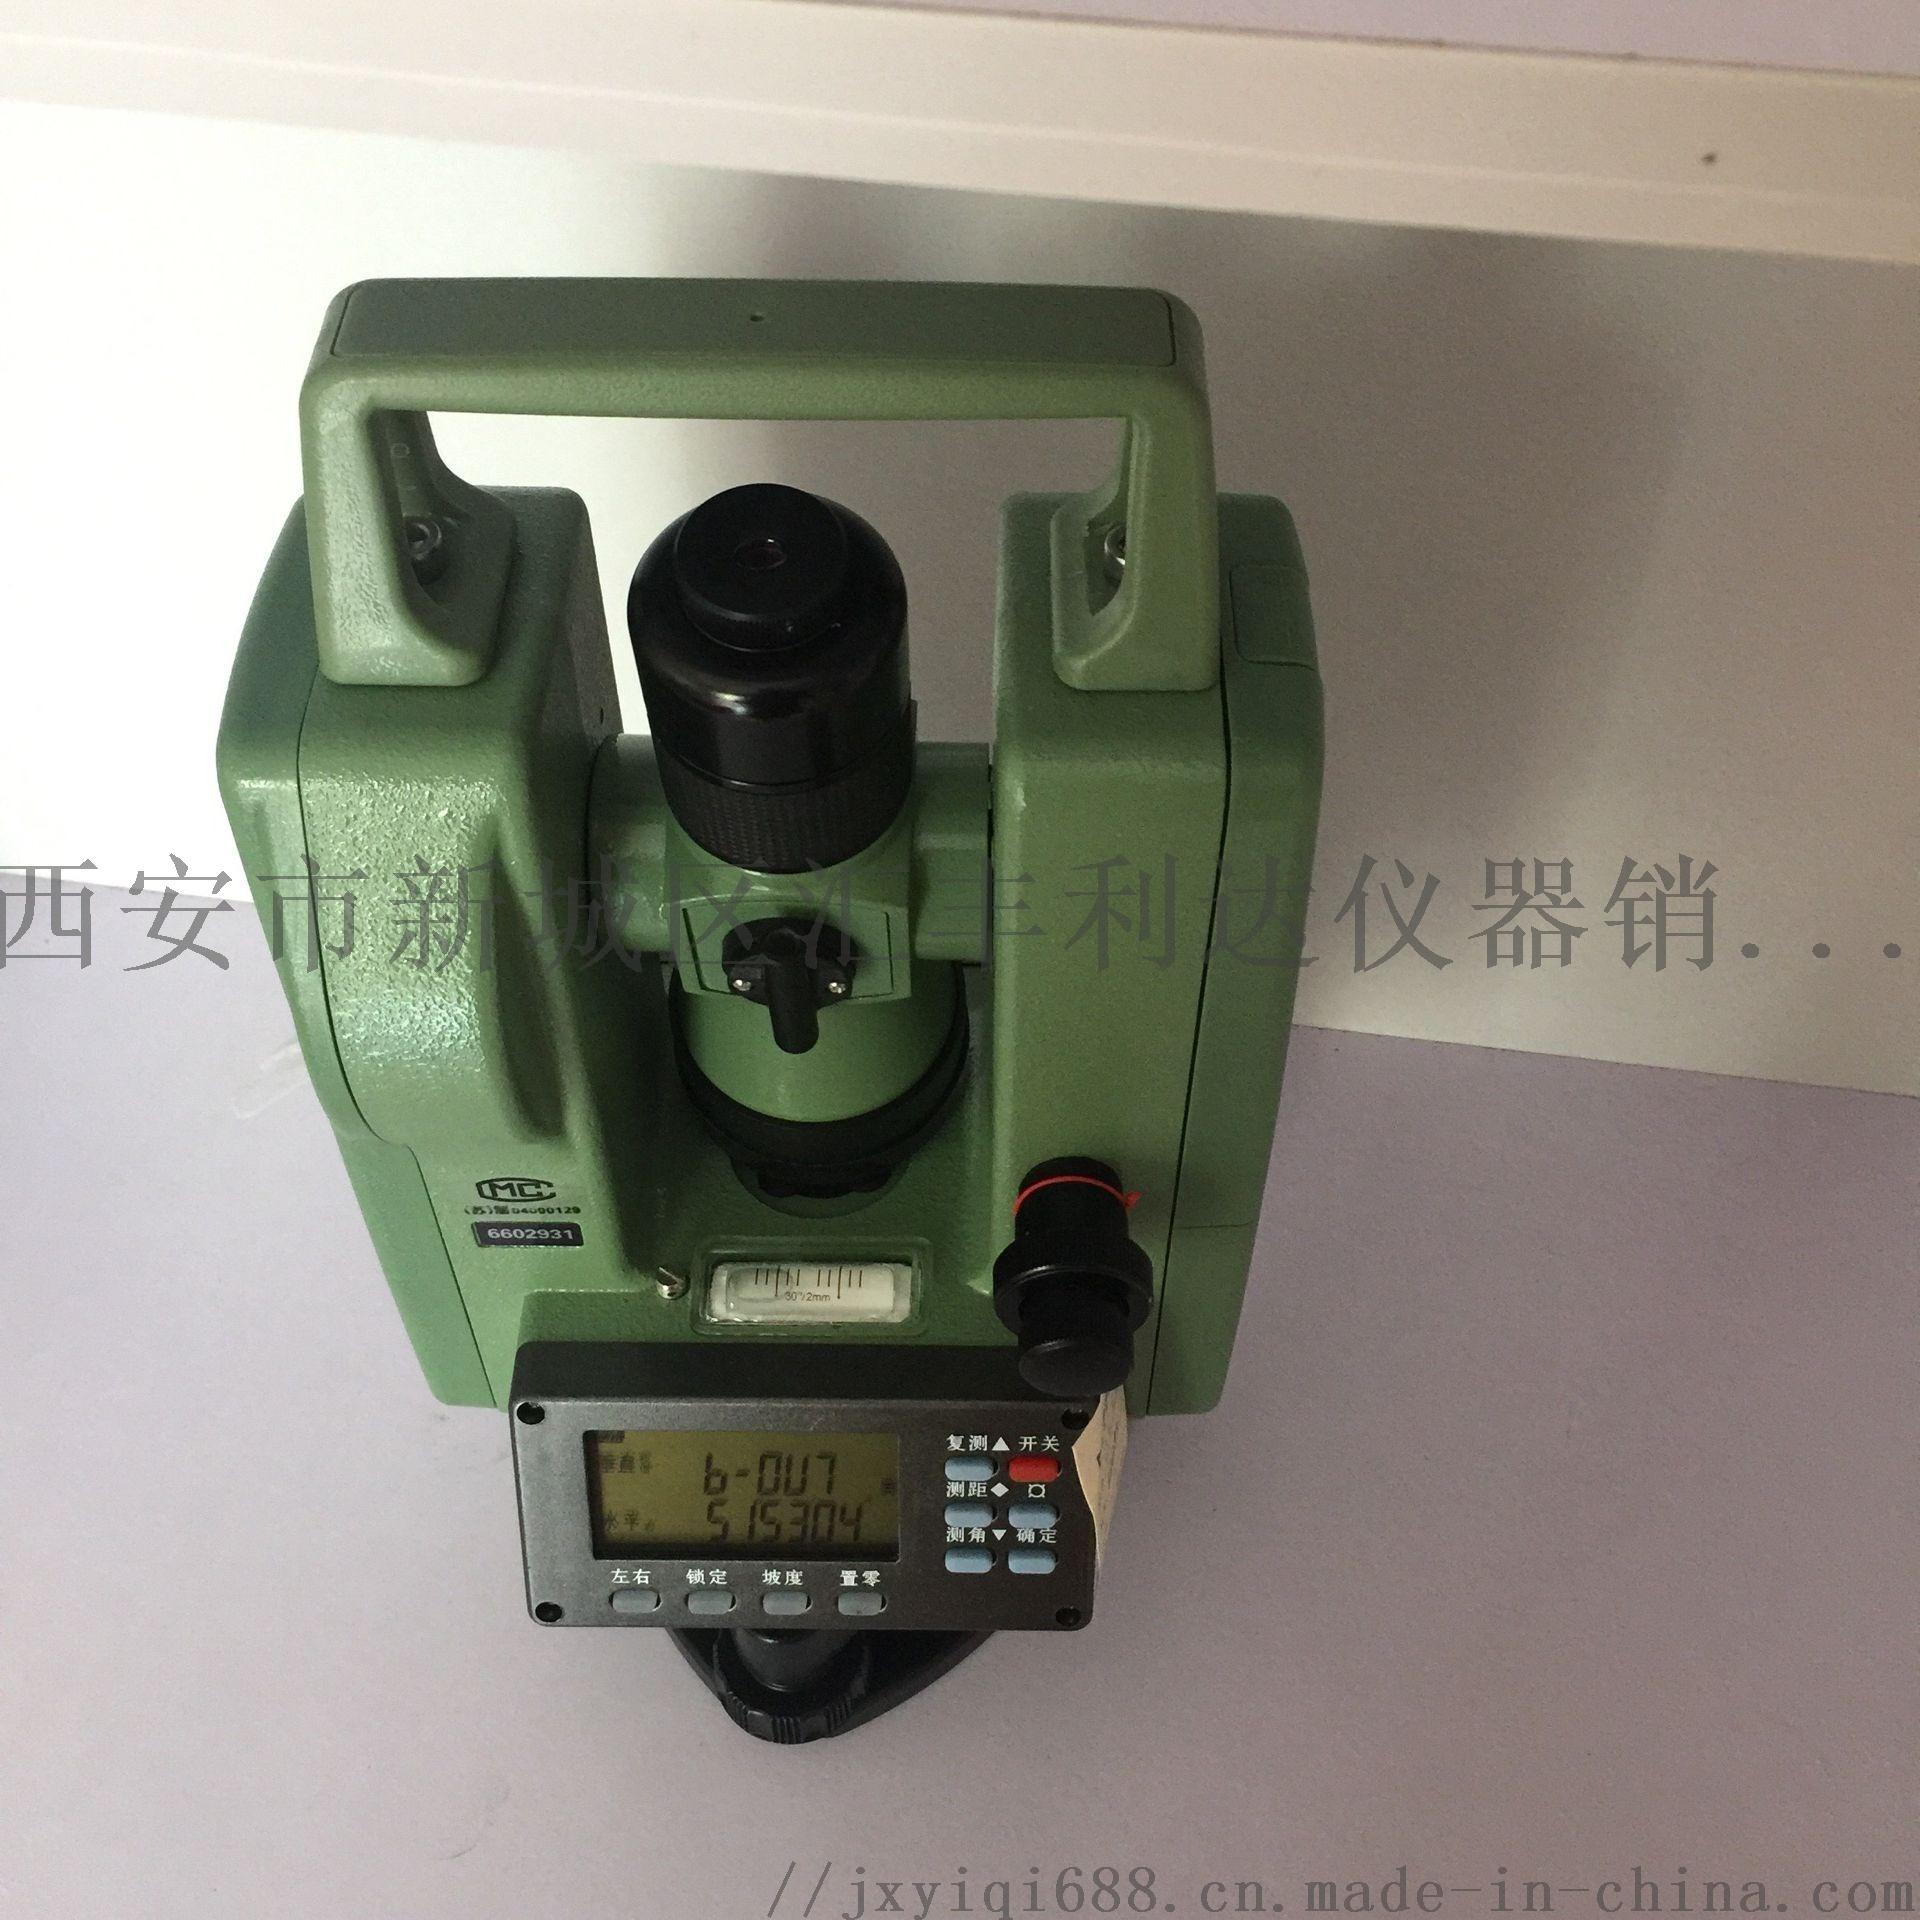 西安水准仪经纬仪全站仪垂准仪测绘仪器店809635845